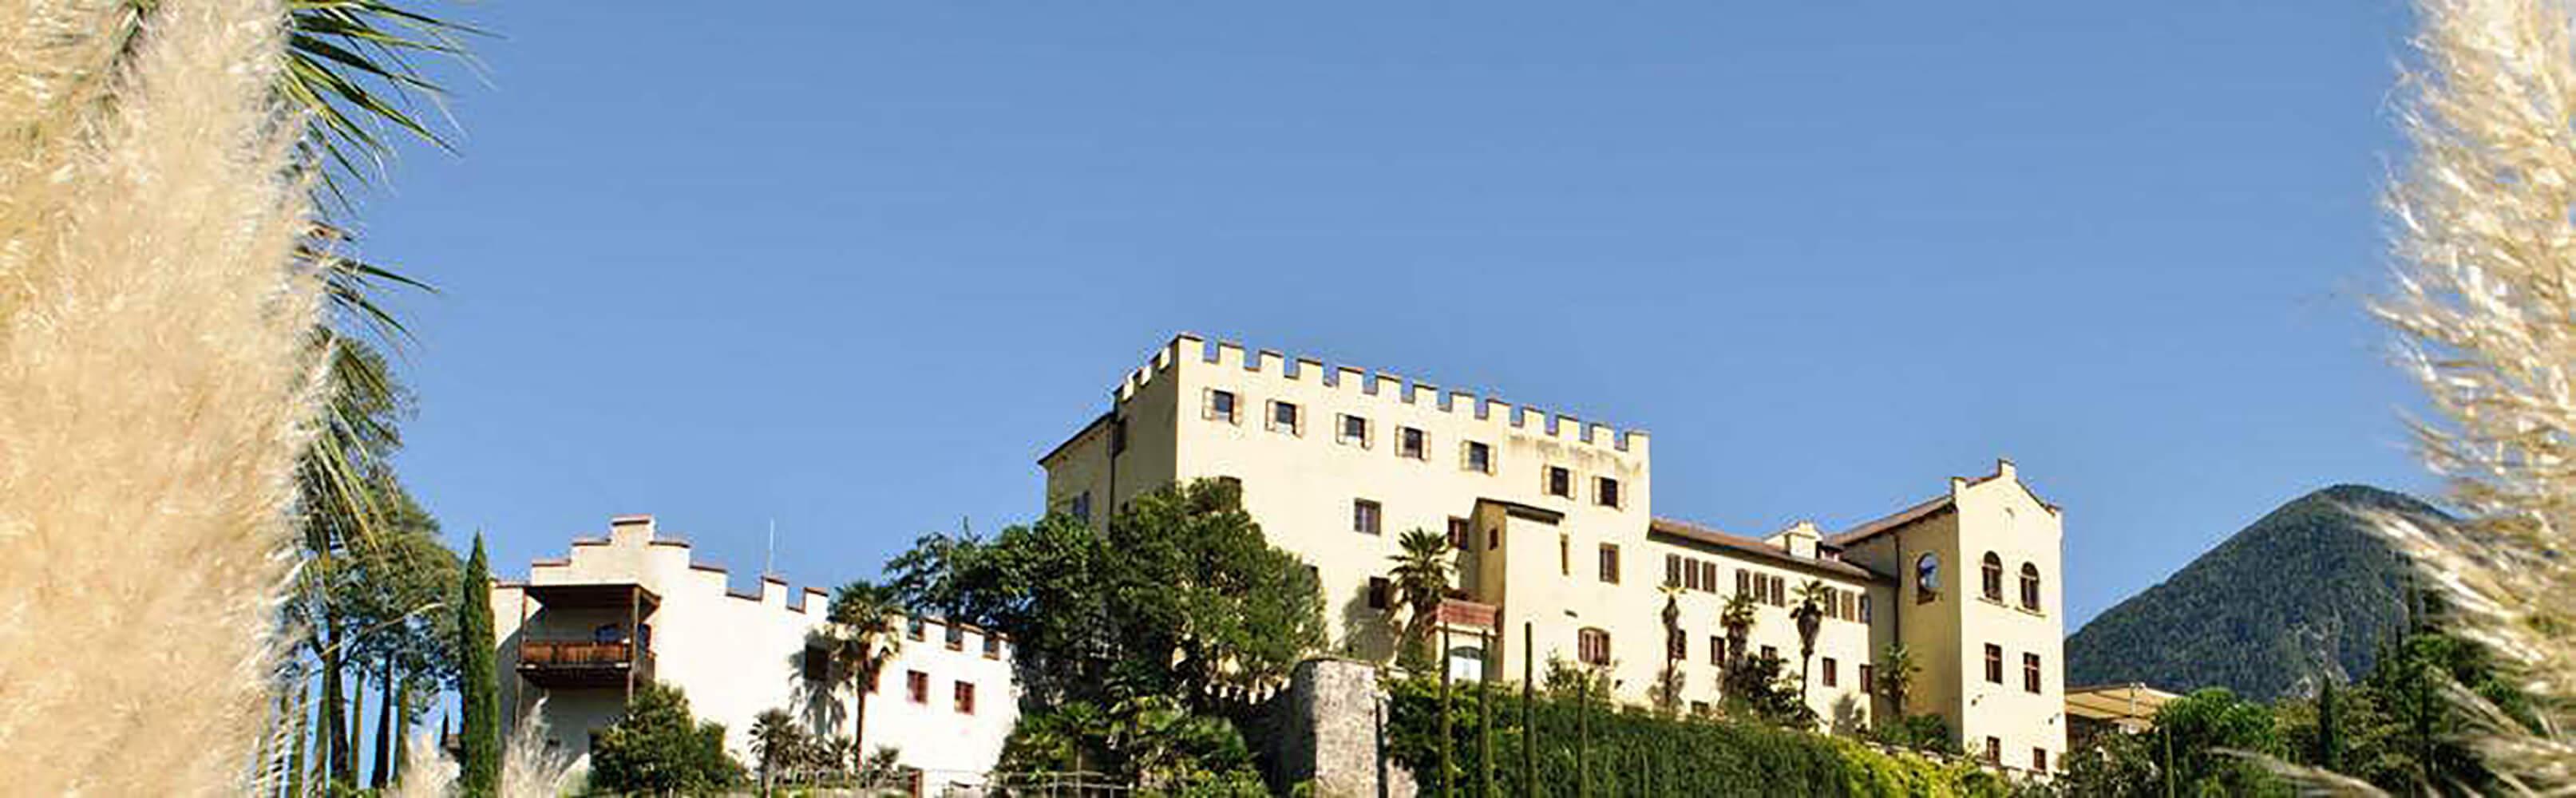 Die Gärten von Schloss Trauttmansdorff inMeran 1